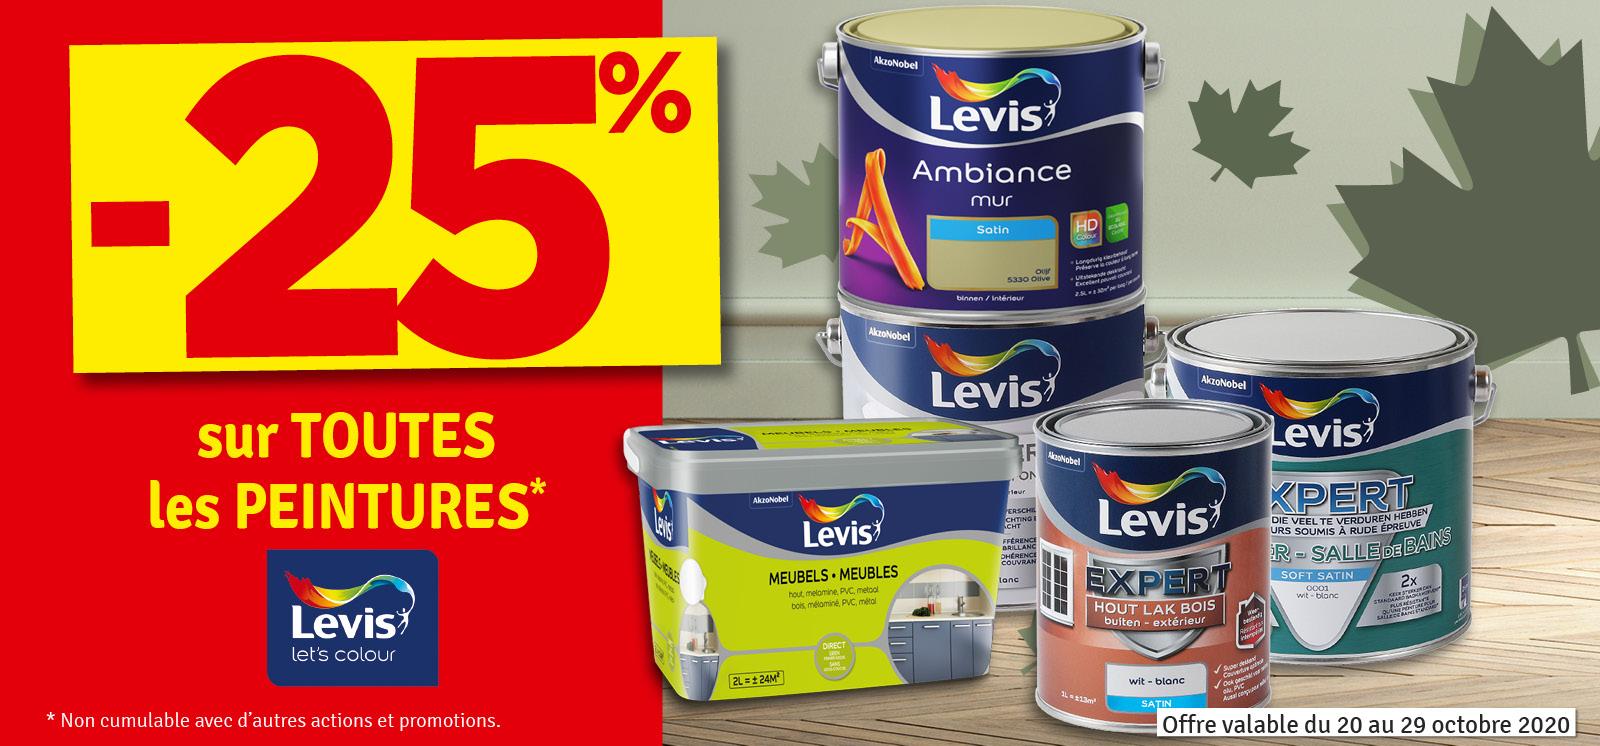 Promo - -25 % sur les peintures LEVIS